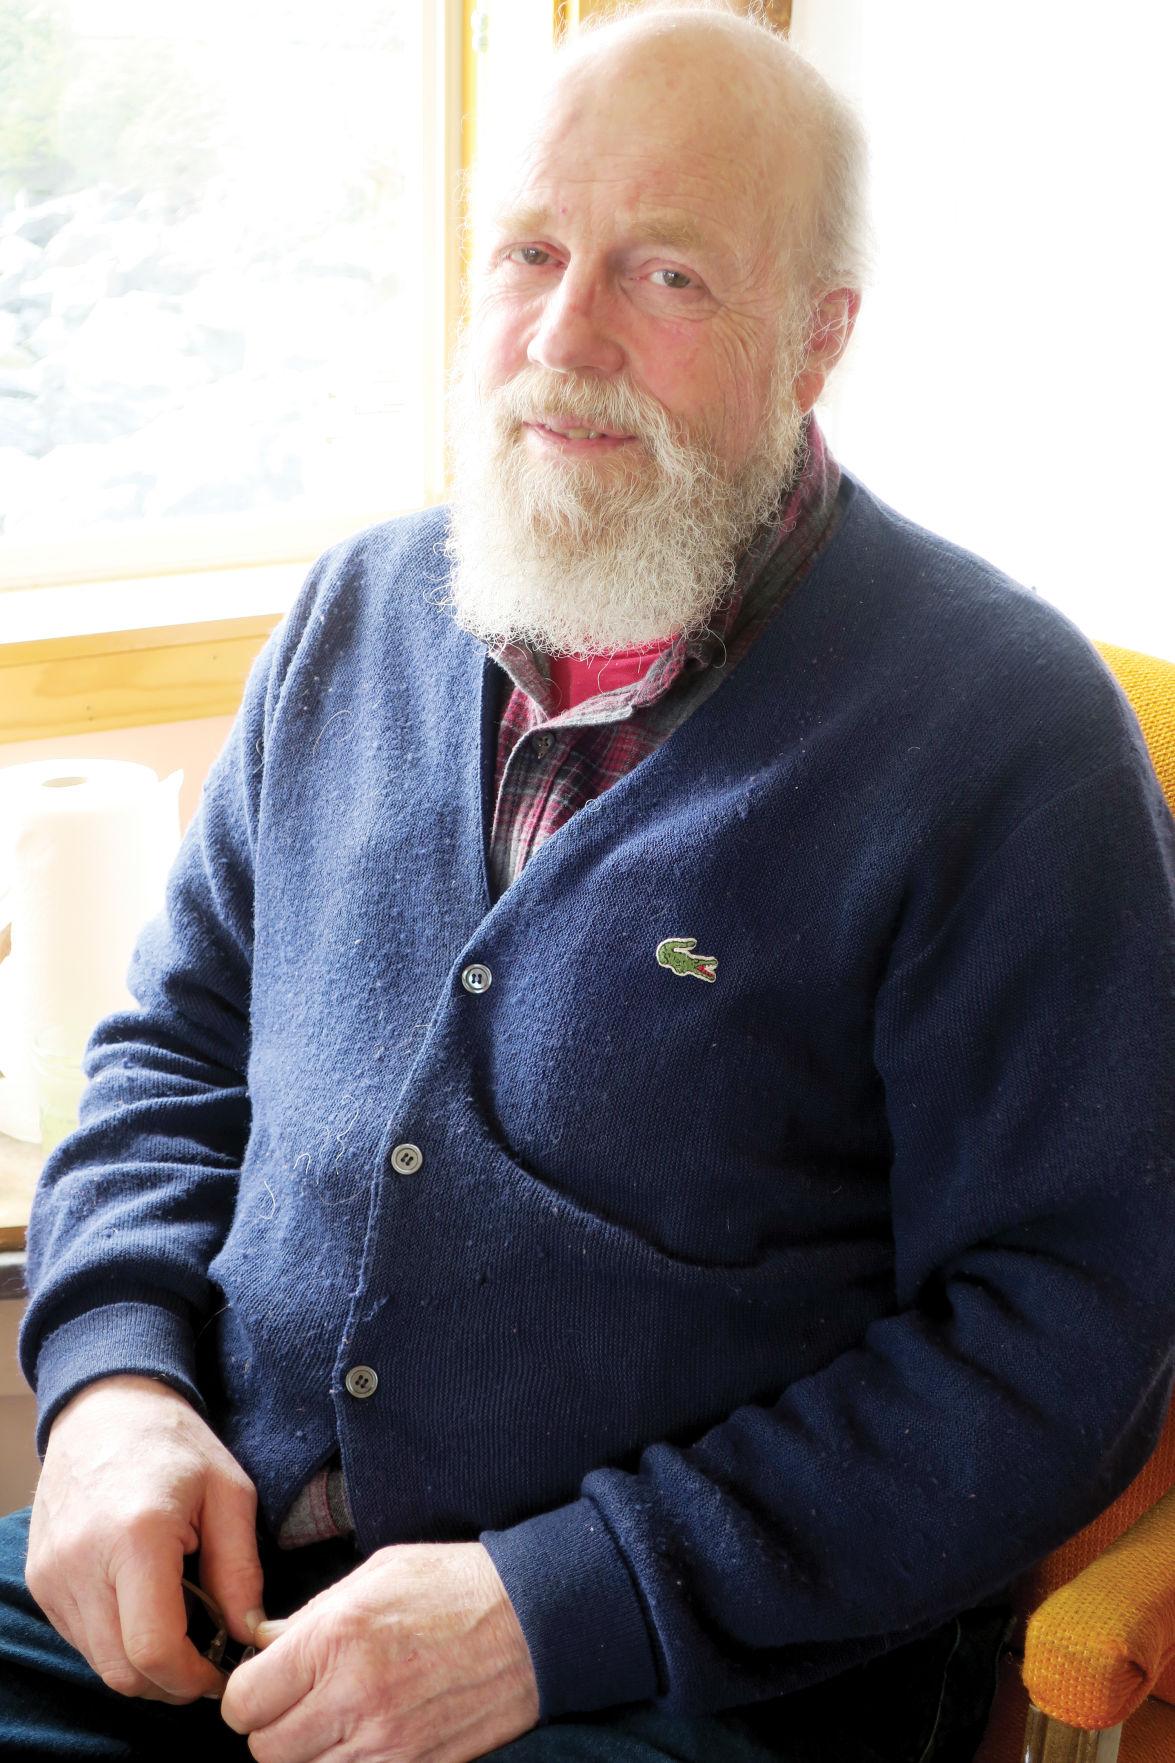 Dan Ogg